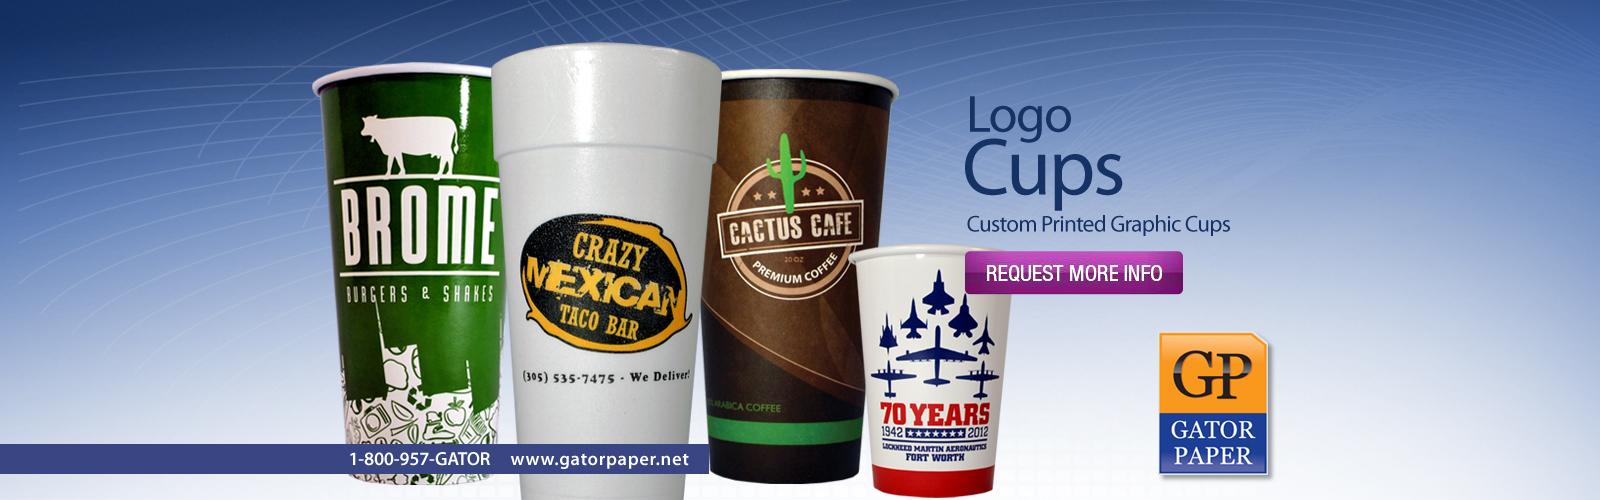 Gator Paper | Custom Printed Food Packaging Supplies